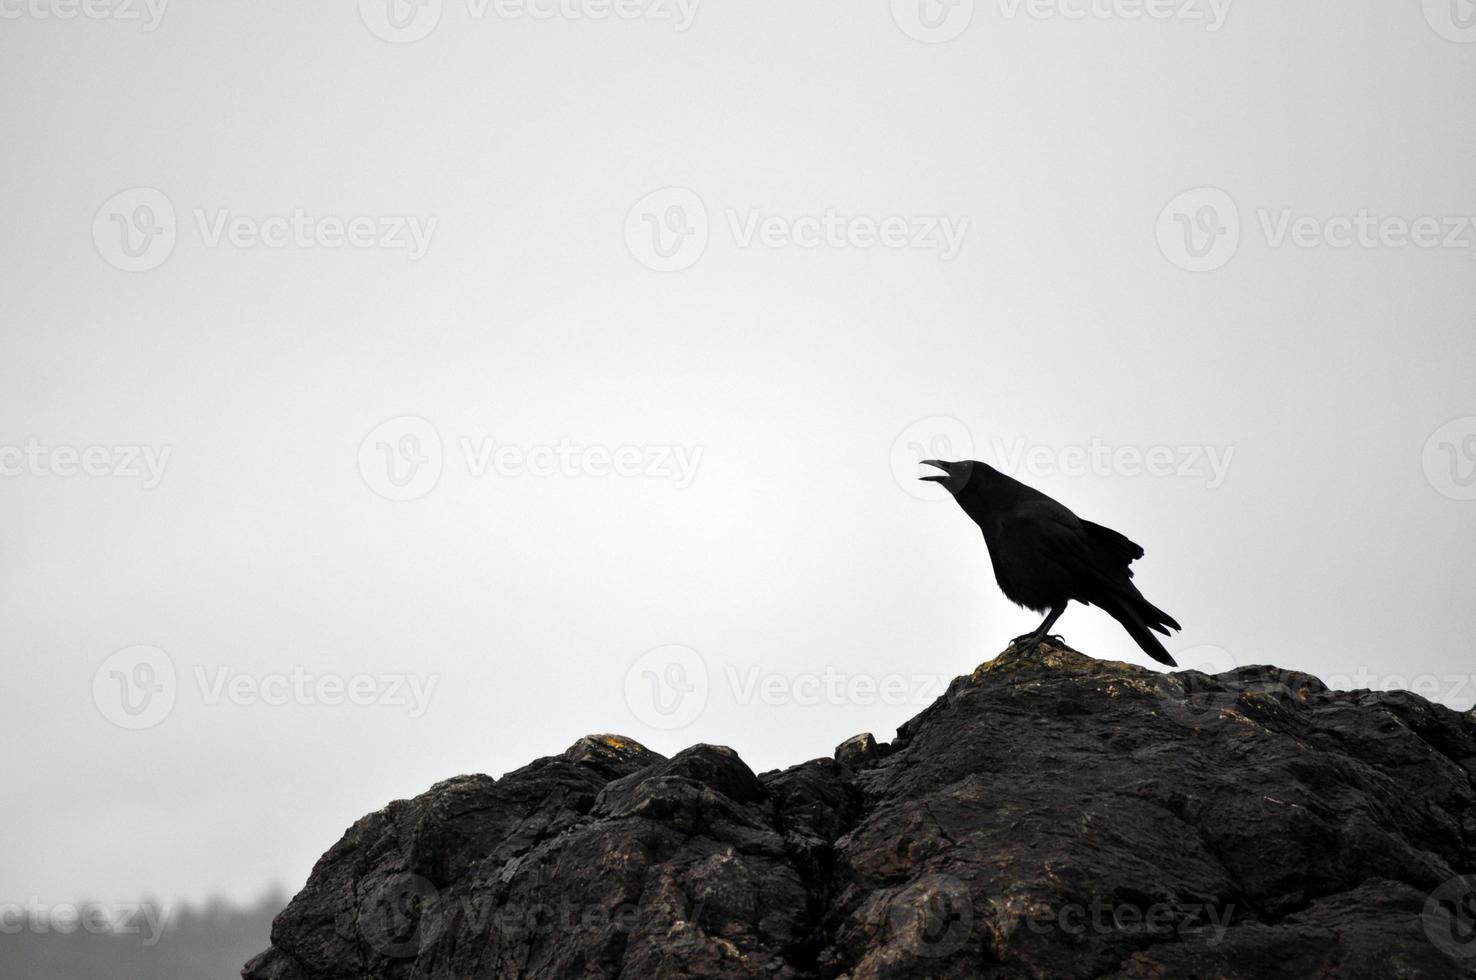 corvo nordoccidentale al parco nazionale dell'orlo pacifico foto